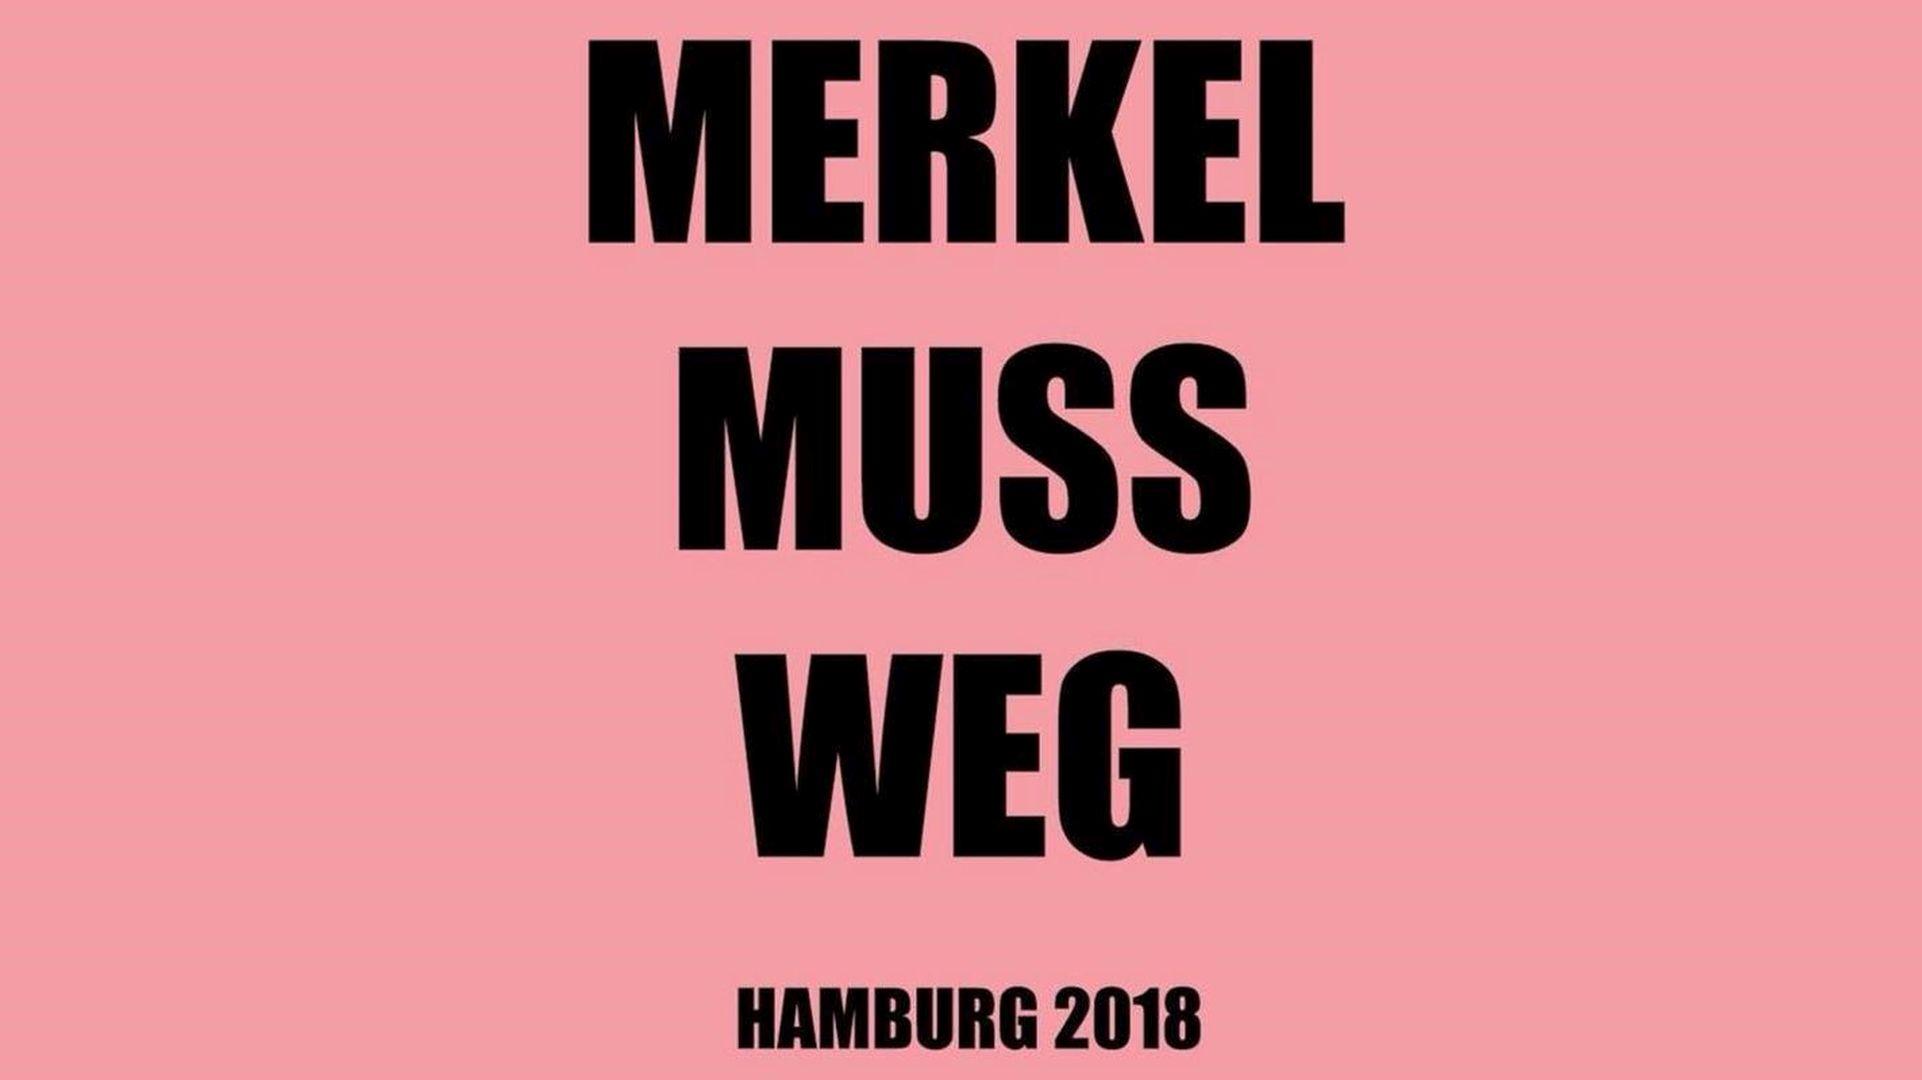 Gastredner Auf Der Hamburger Merkel Muss Weg Demo Am 26032018